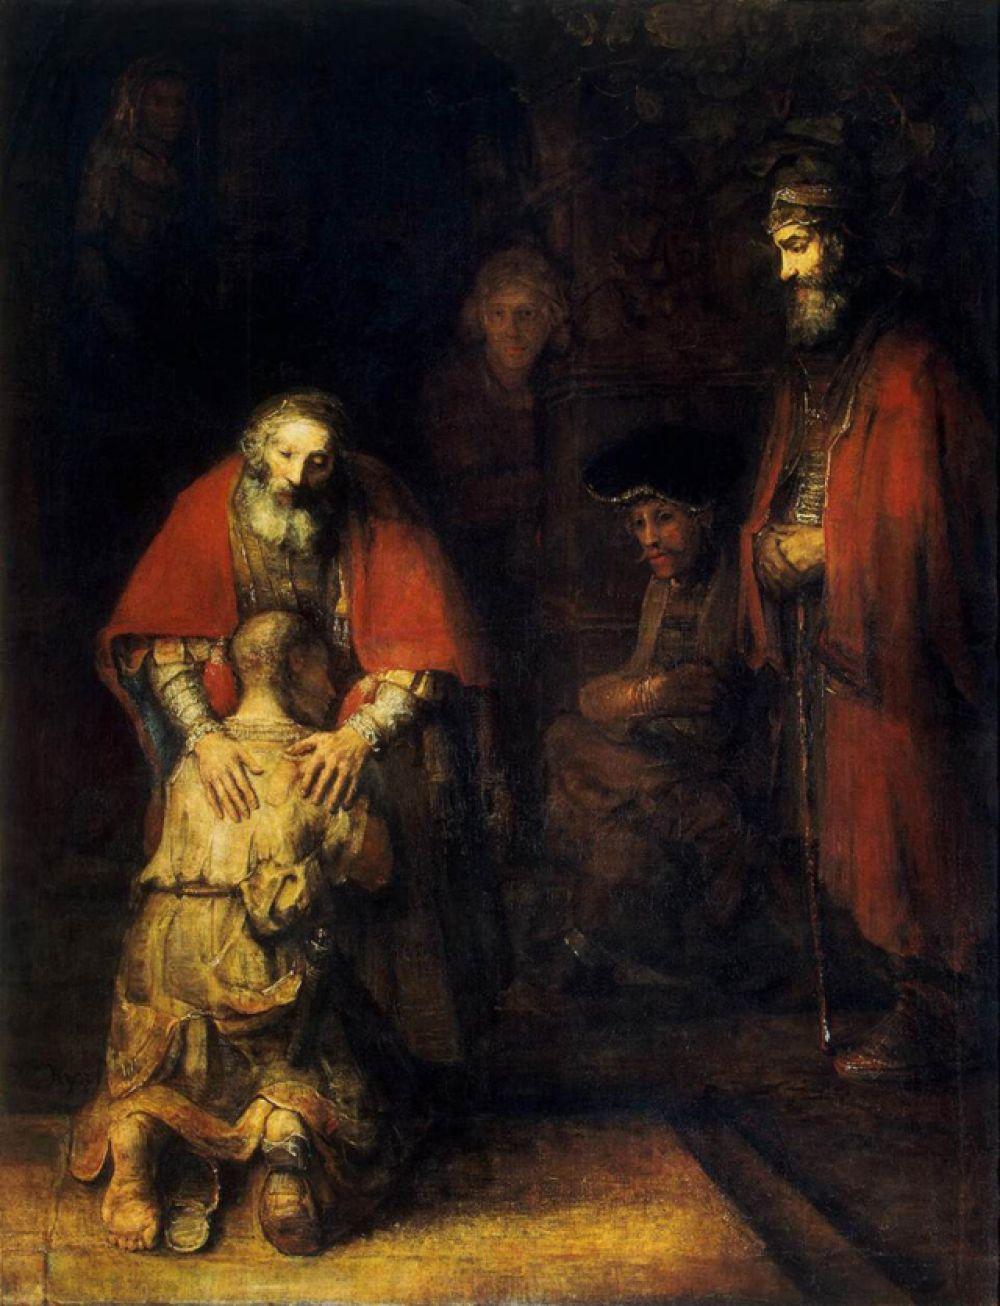 «Возвращение блудного сына» (1666-1669). Полотно художника на сюжет новозаветной притчи. На картине изображён финальный эпизод, когда блудный сын возвращается домой. Это самое большое полотно Рембрандта на религиозную тему.